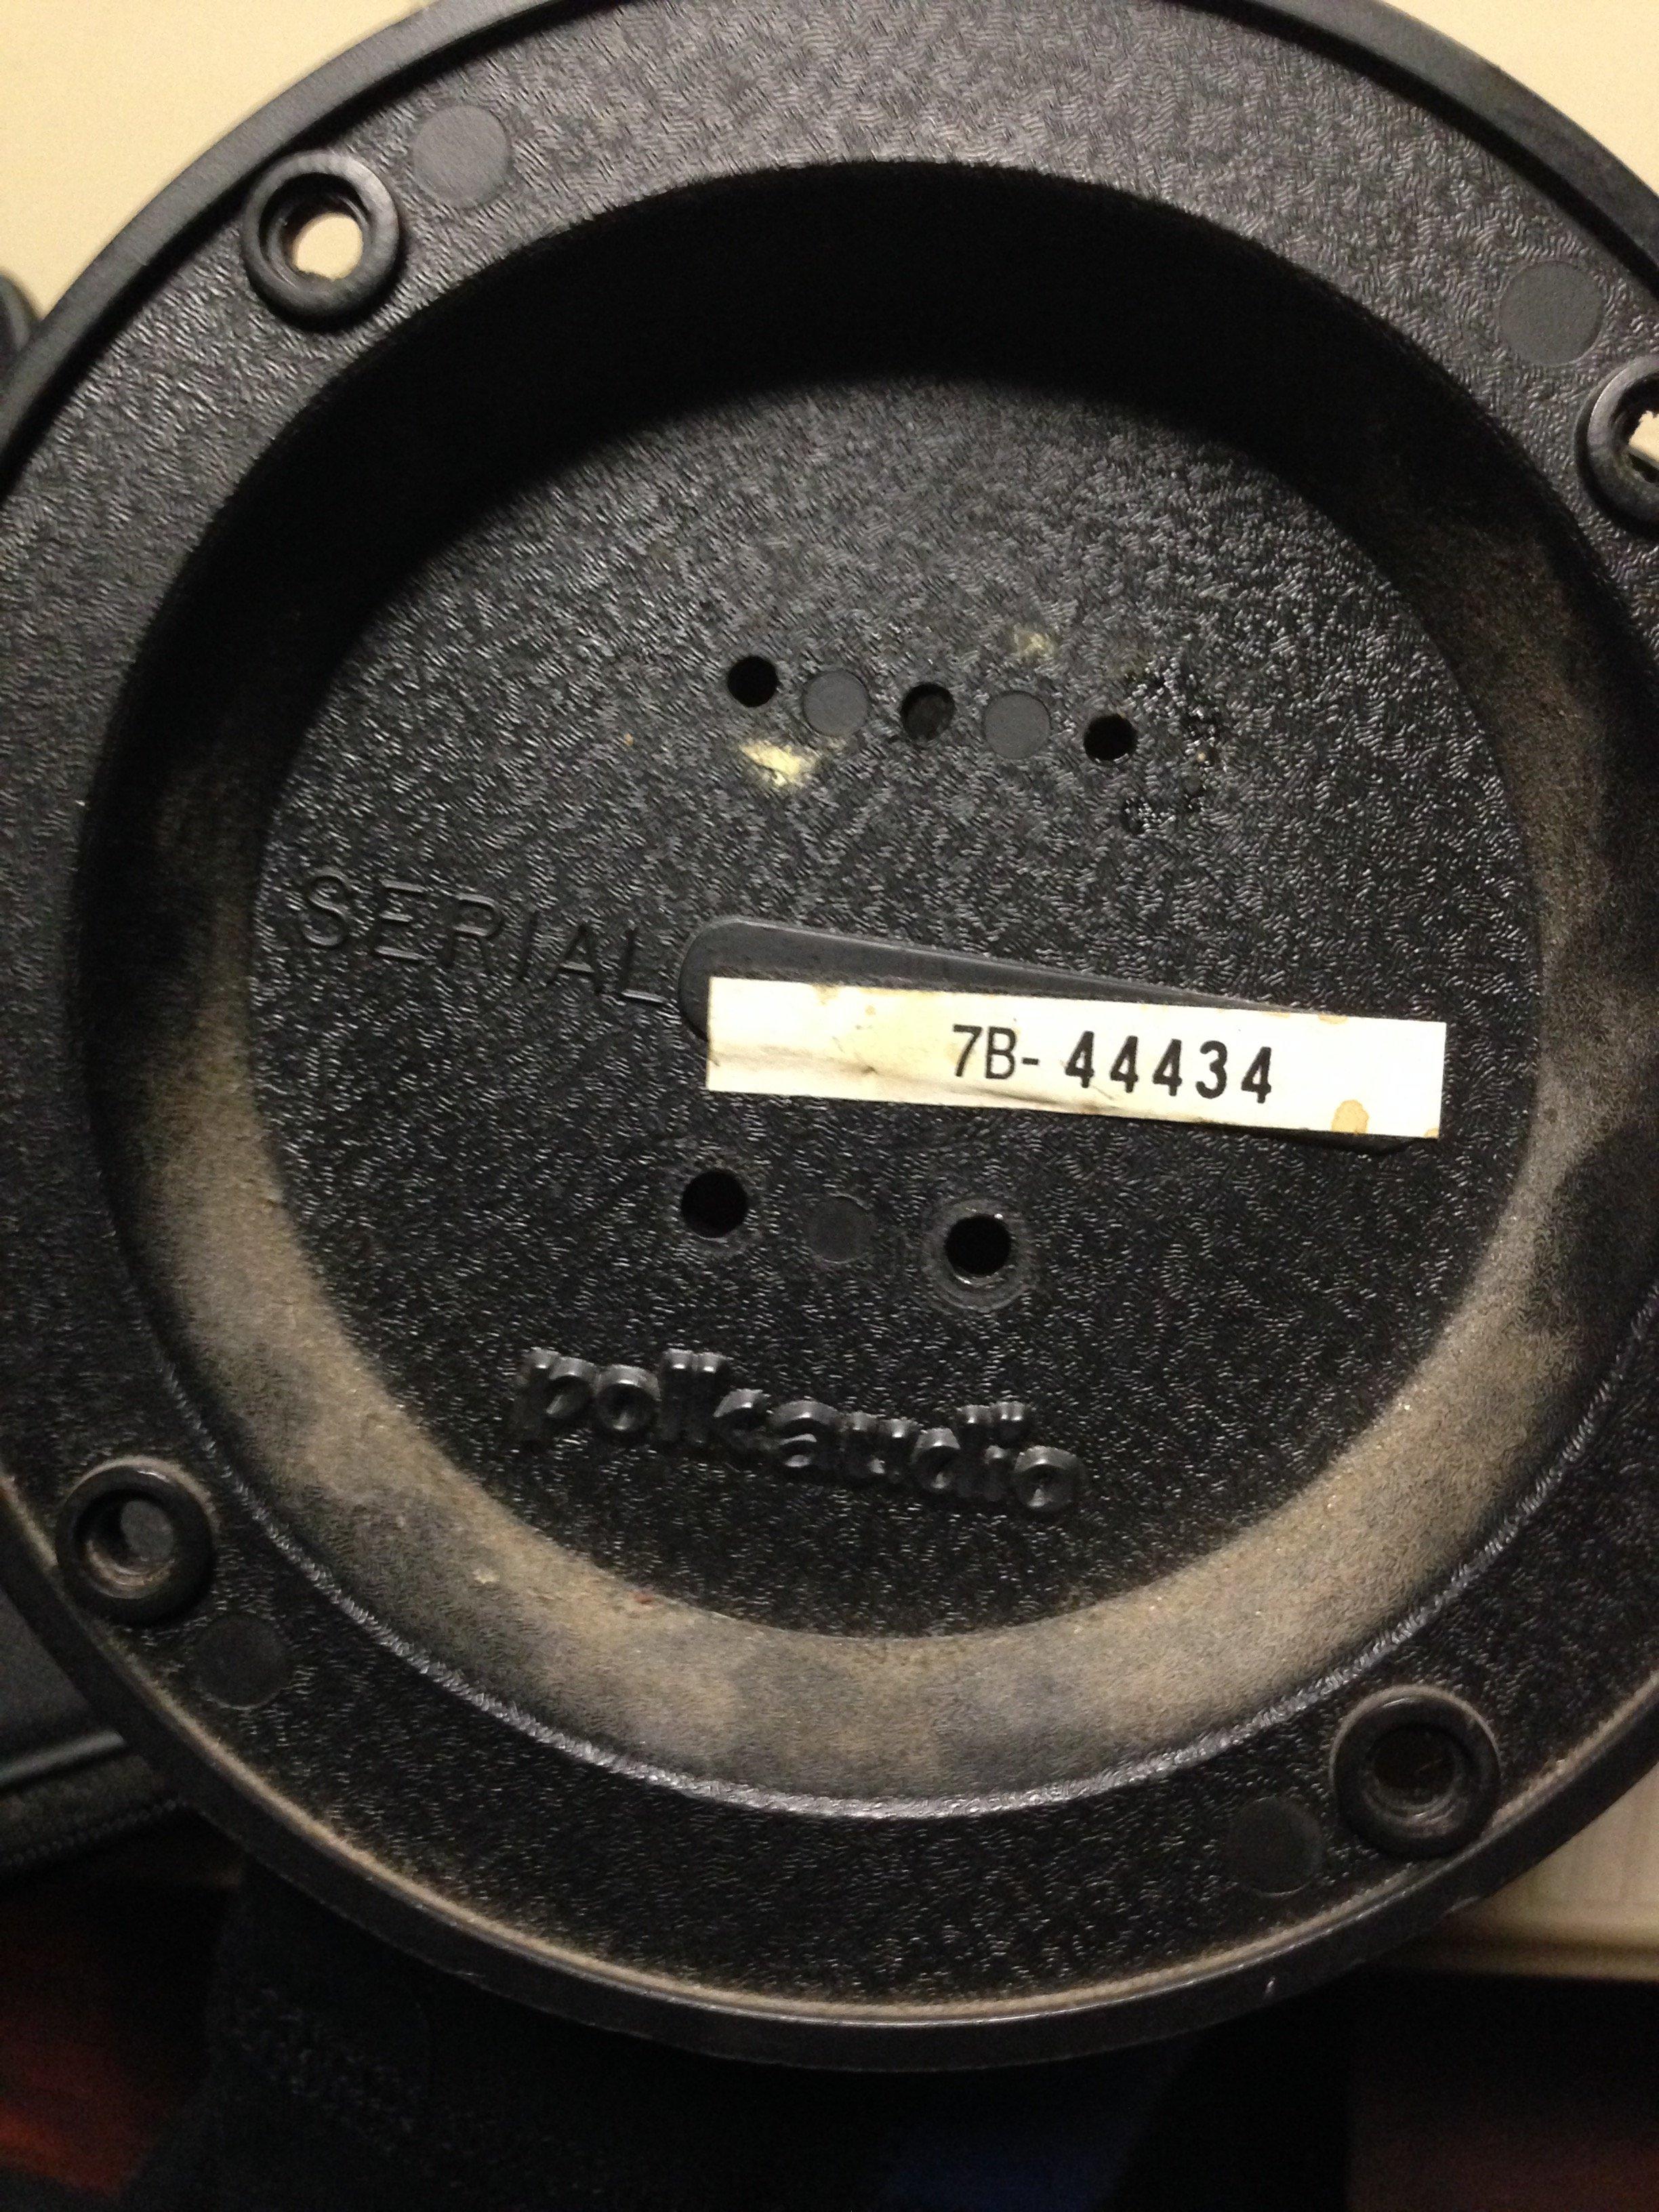 g56wivedp6mm.jpg